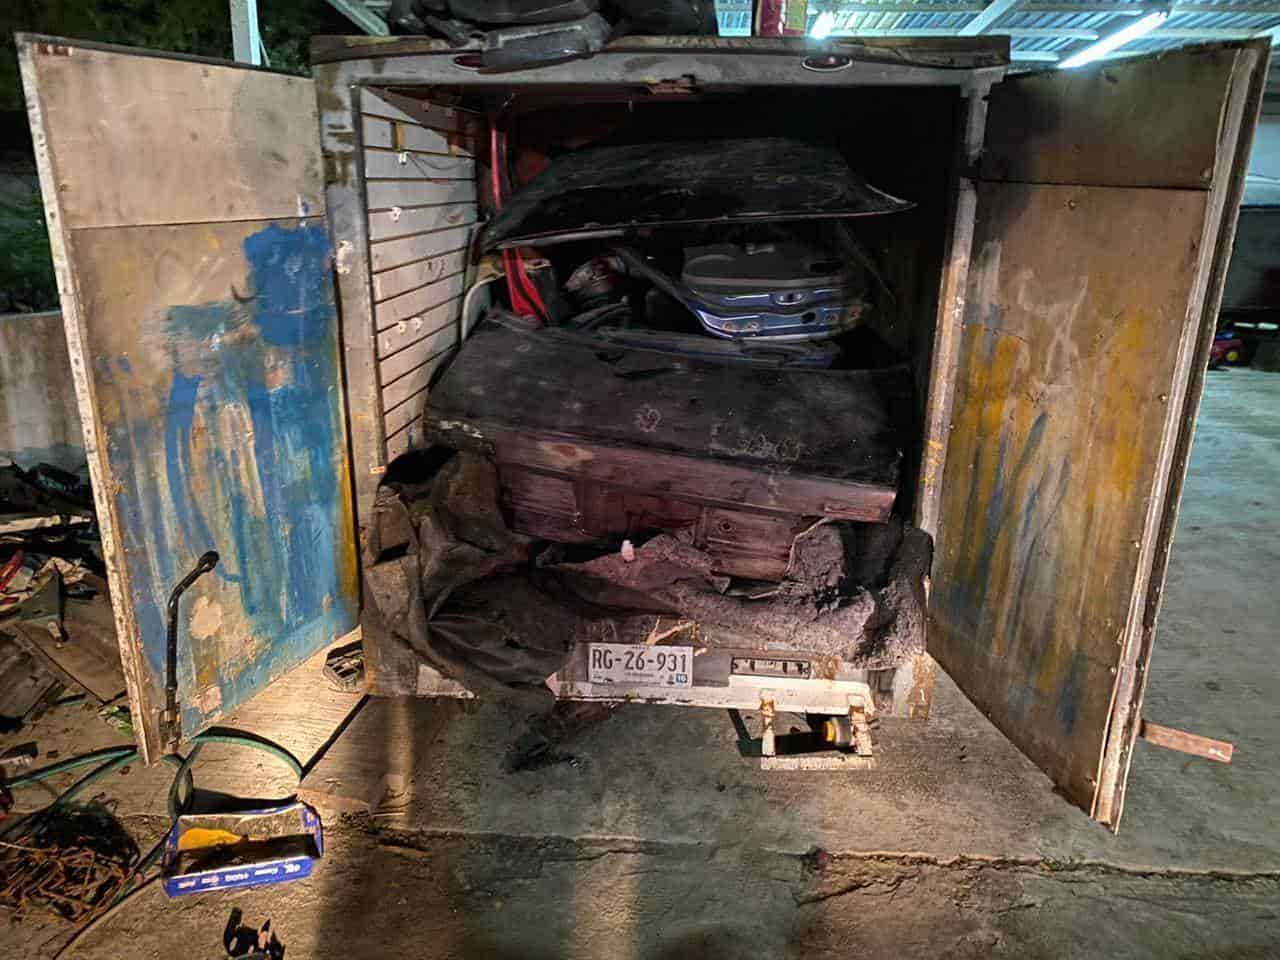 En el cateo encontraron diversas autopartes y vehículos con reporte de robo